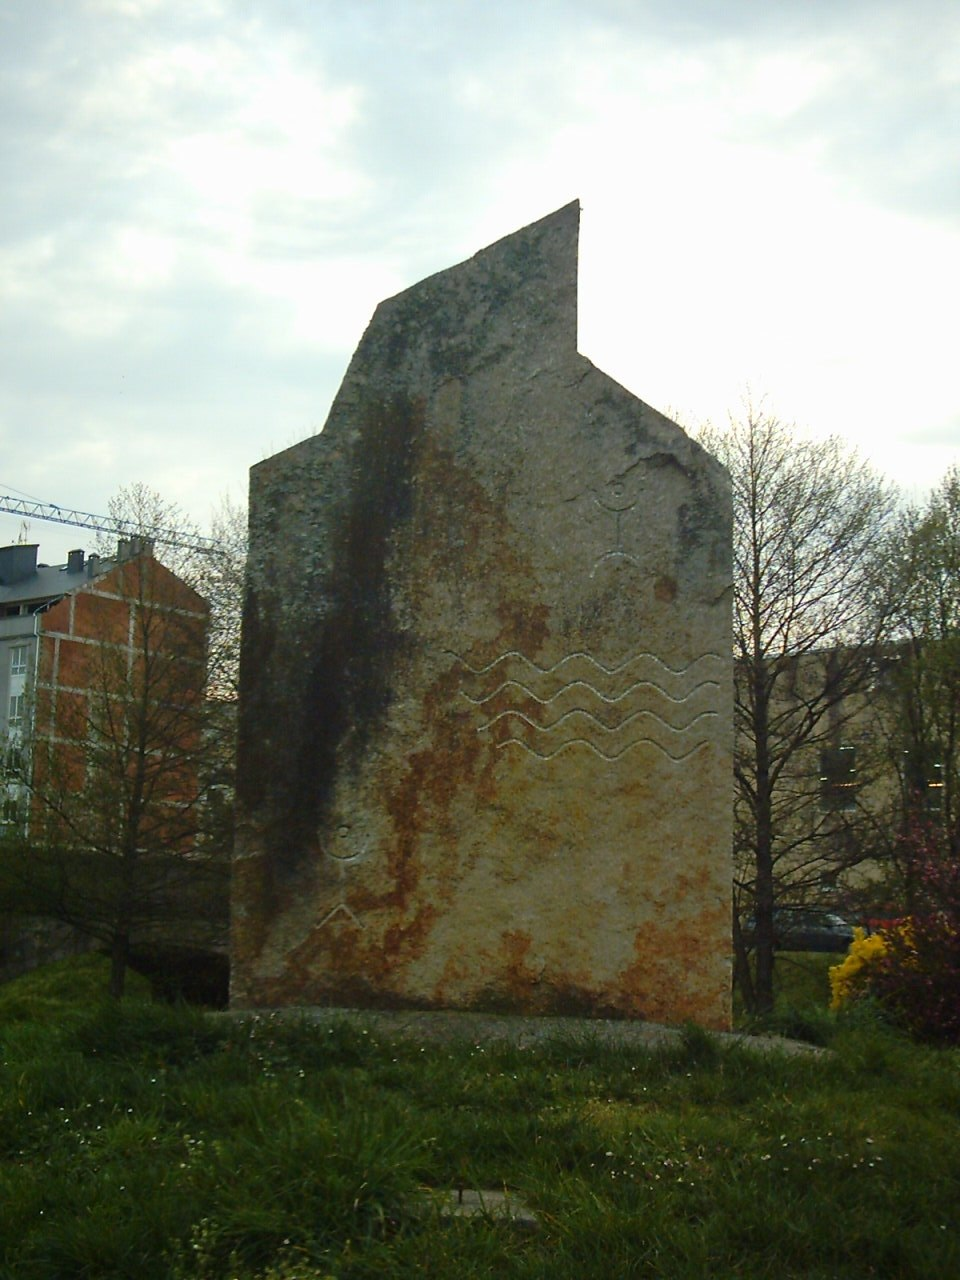 Detalle do monumento de pedra